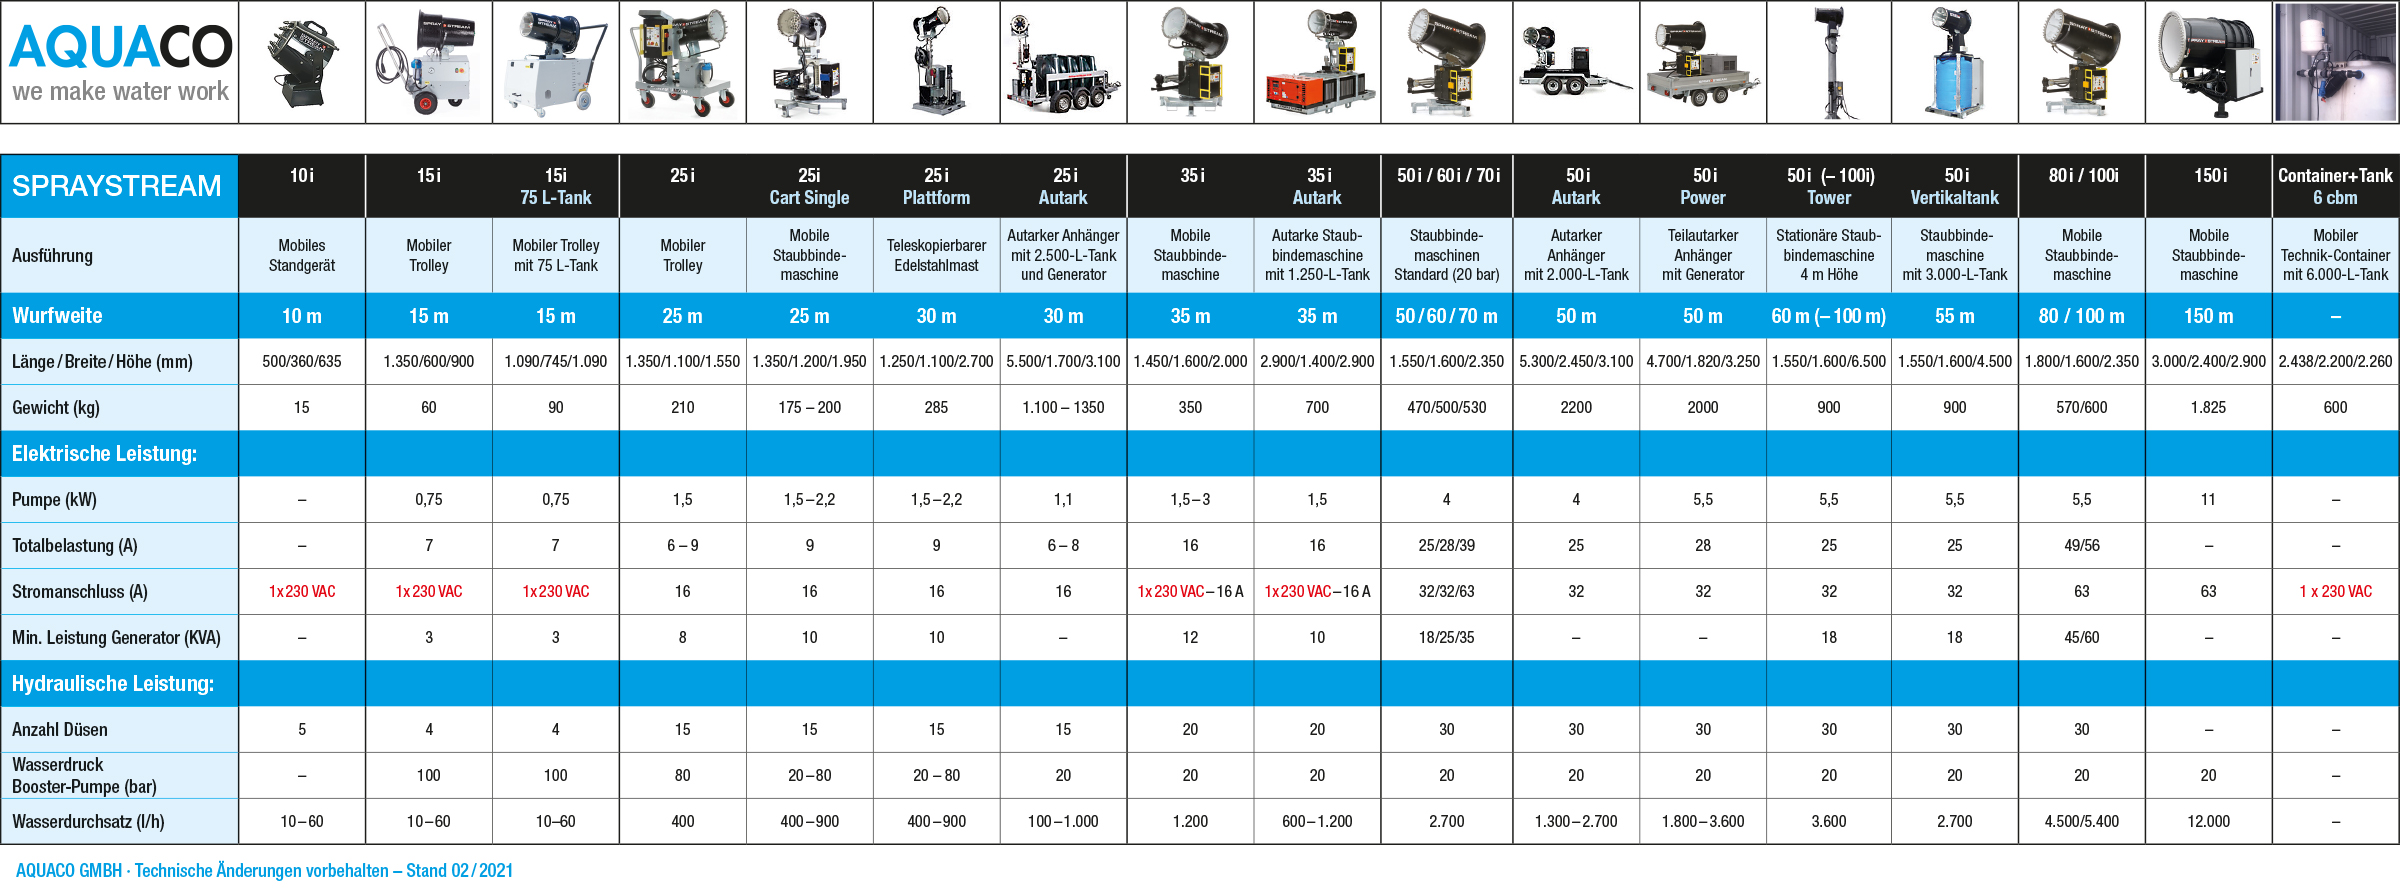 Staubbindemaschinen mieten Maschinentabelle der Spraystream-Staubbindemaschinen von AQUACO